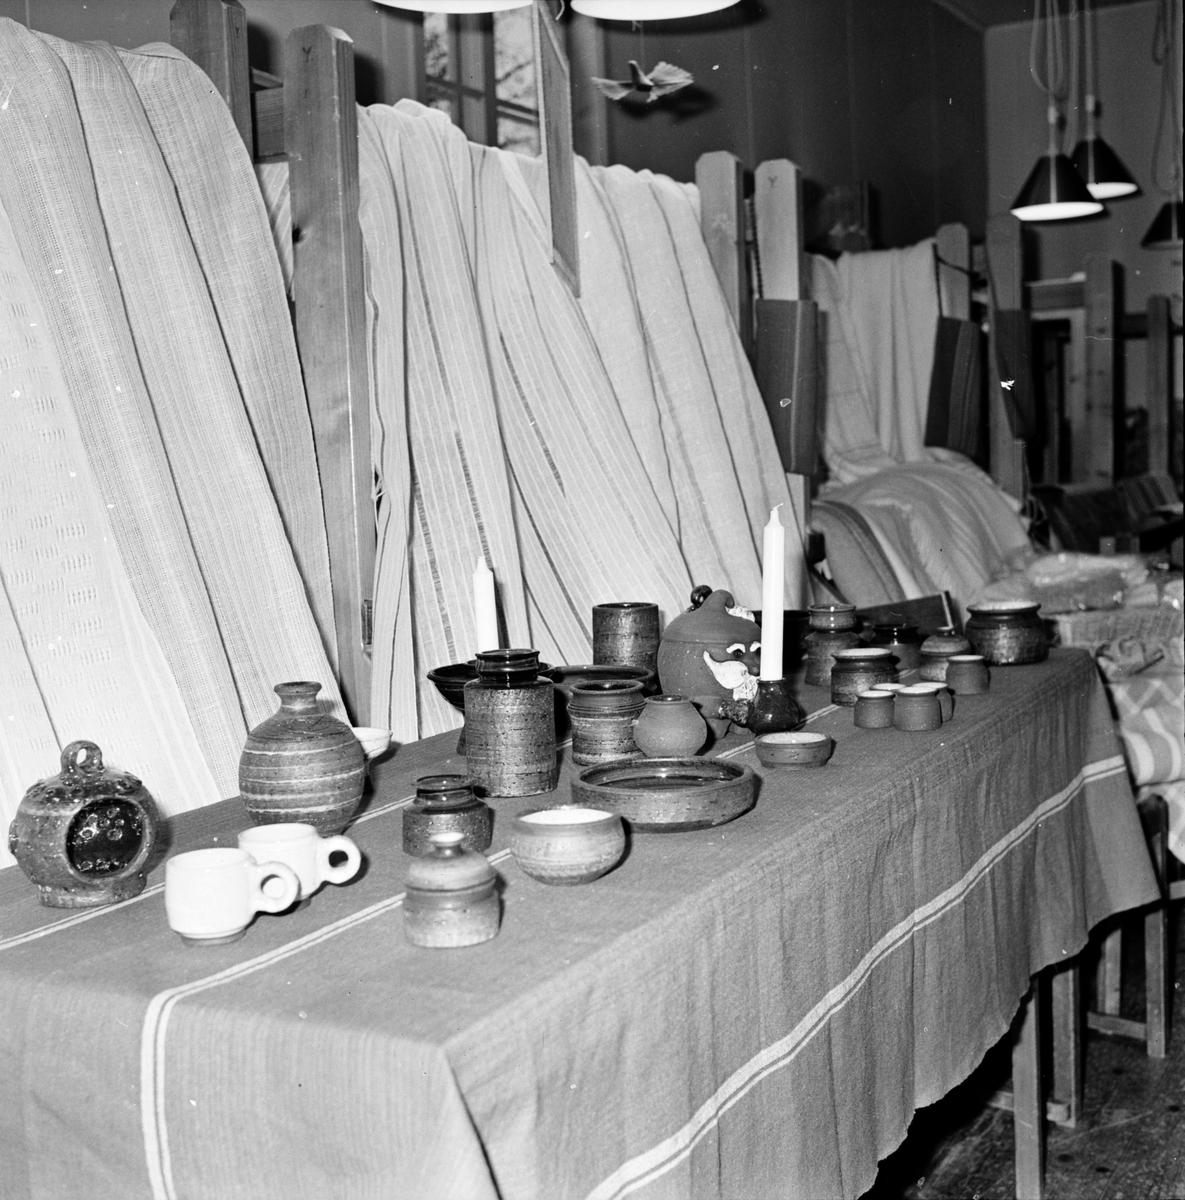 Vallsta, Hemslöjdsutställning, December 1971